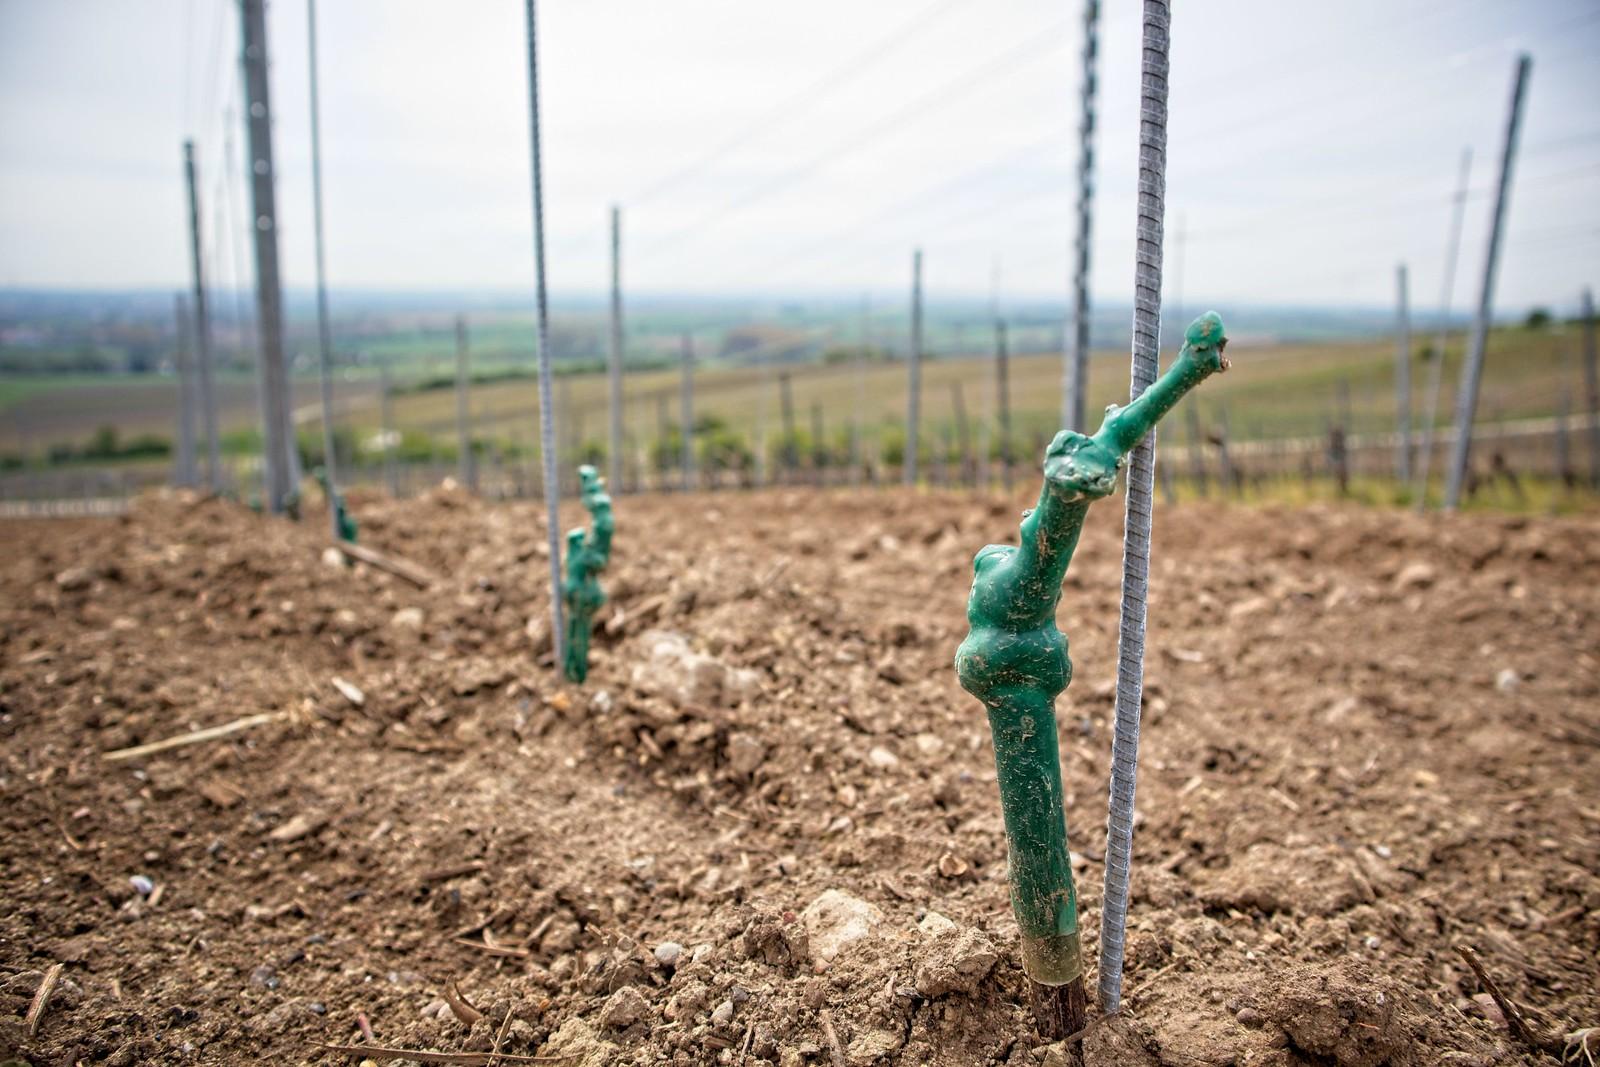 Frühling in den Weinbergen von Rheinhessen: Rebstock-Setzling